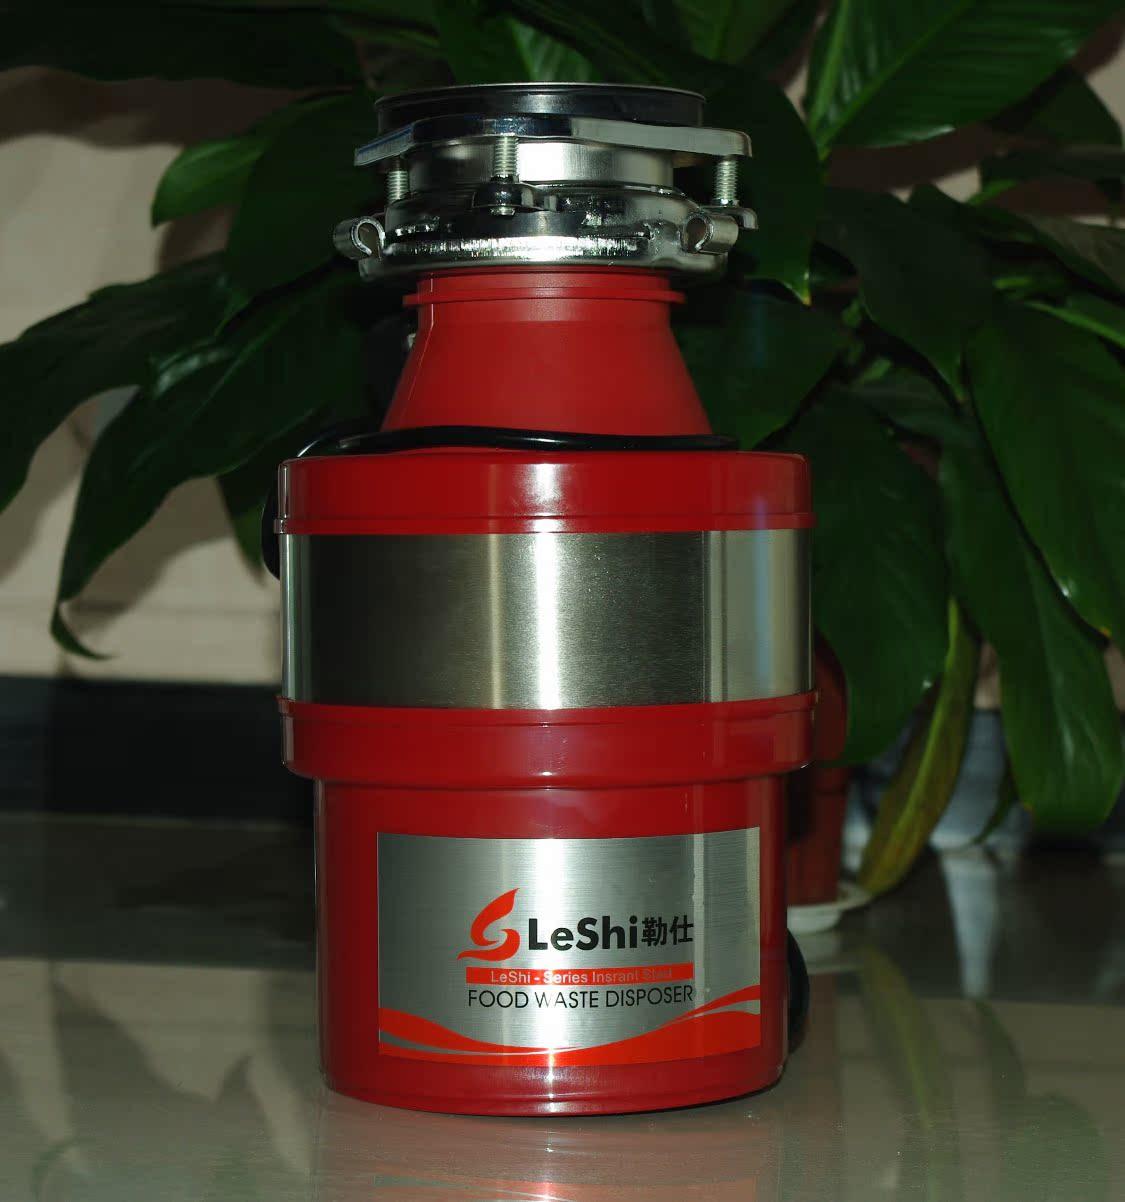 http://www.szthks.com/localimg/687474703a2f2f6777312e616c6963646e2e636f6d2f62616f2f75706c6f616465642f69362f54314f685164466b526458585858585858585f2121302d6974656d5f7069632e6a7067.jpg_食物垃圾处理器,图片尺寸:1125×1202,来自网页:http://www.szthks.